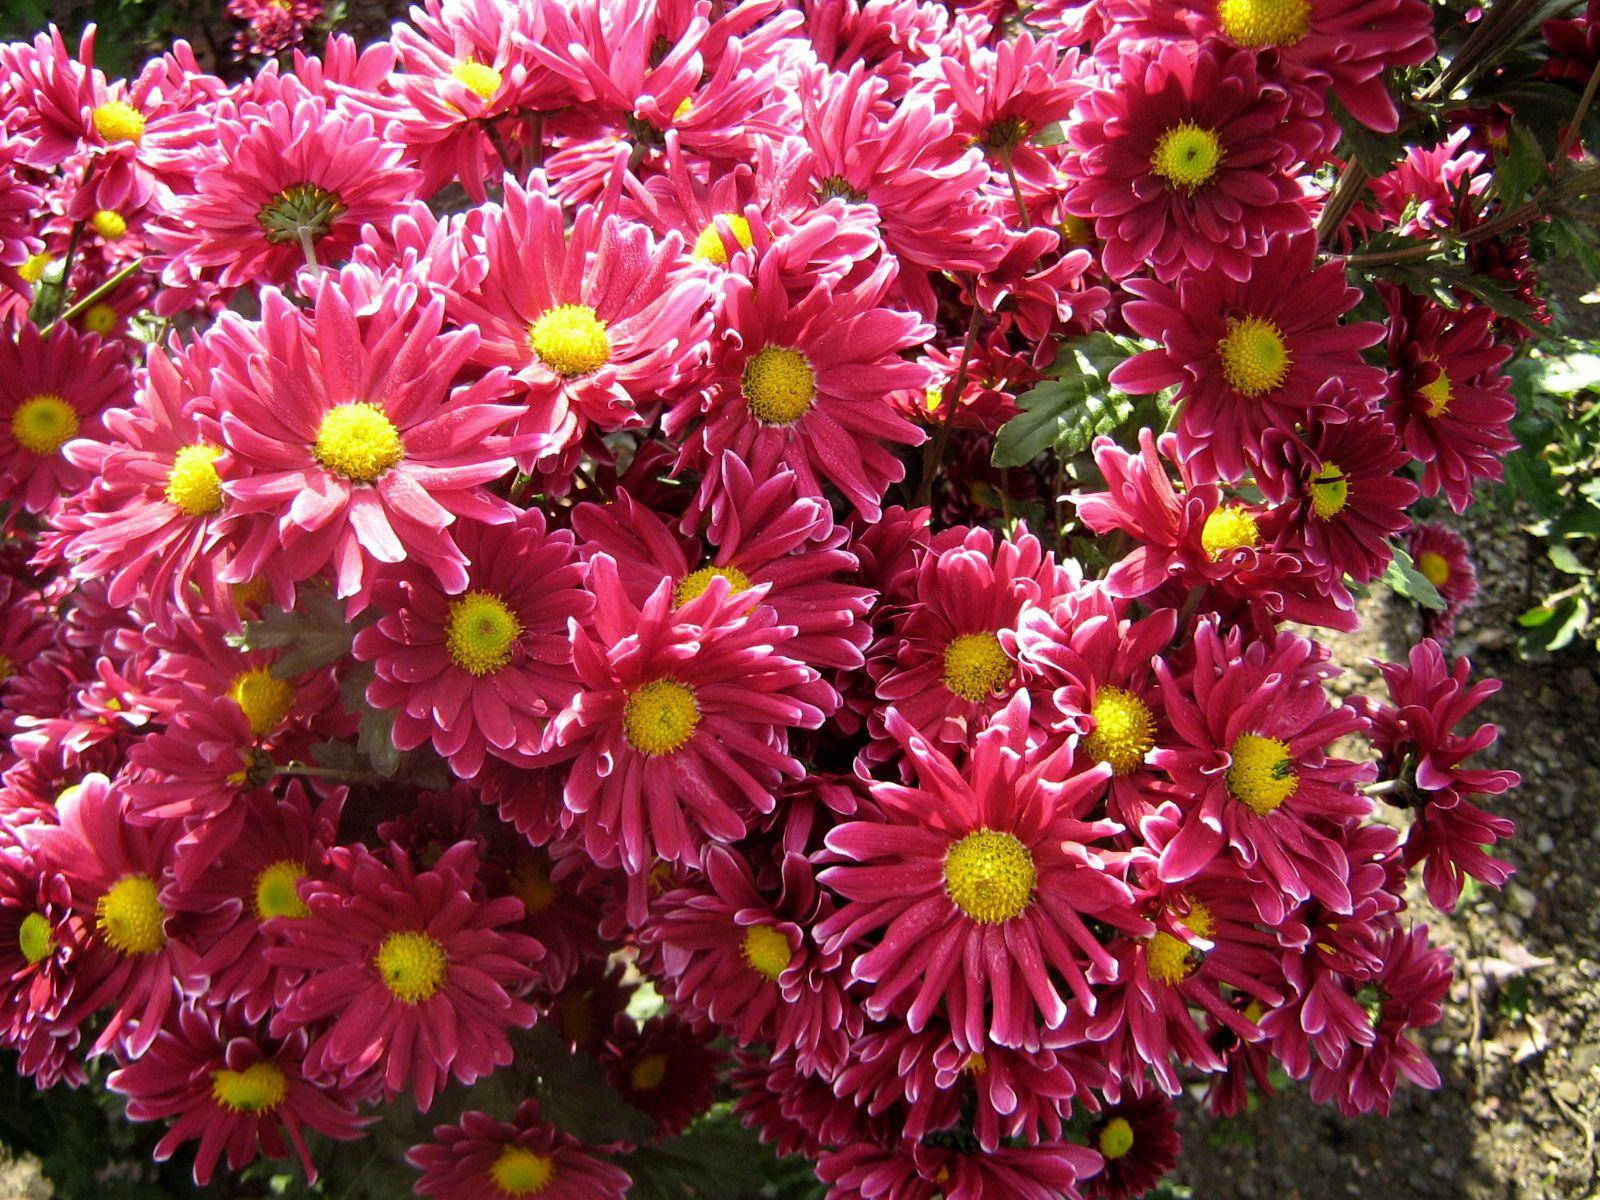 135043 скачать обои Цветы, Сад, Красота, Хризантемы - заставки и картинки бесплатно